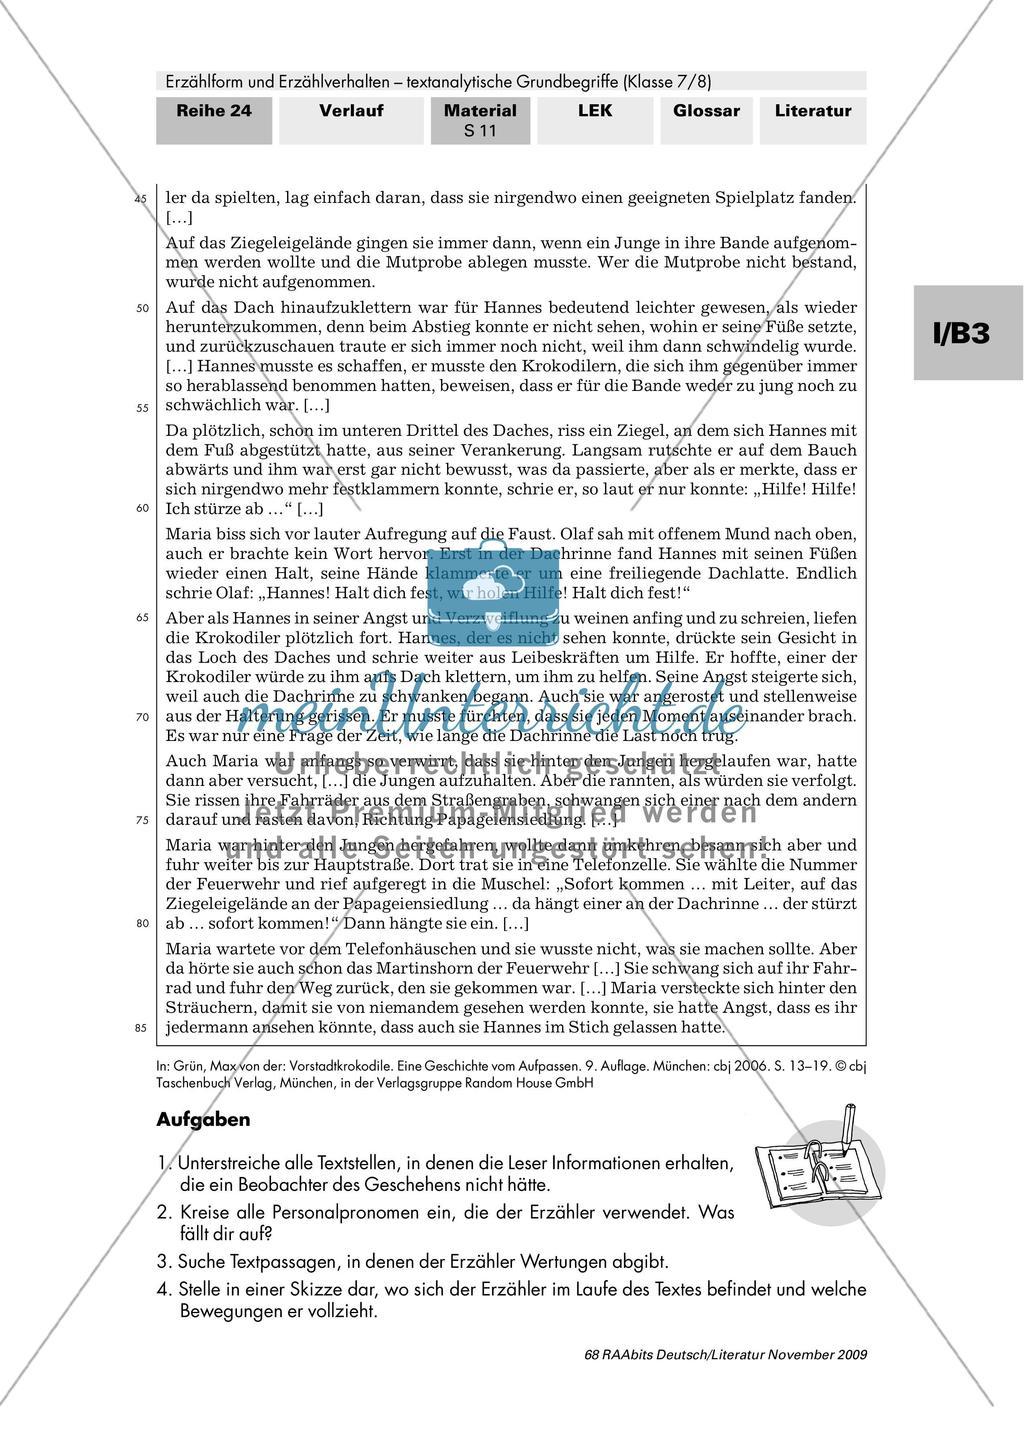 """Auktoriales Erzählverhalten am Roman """"Vorstadtkrokodile"""" untersuchen Preview 2"""